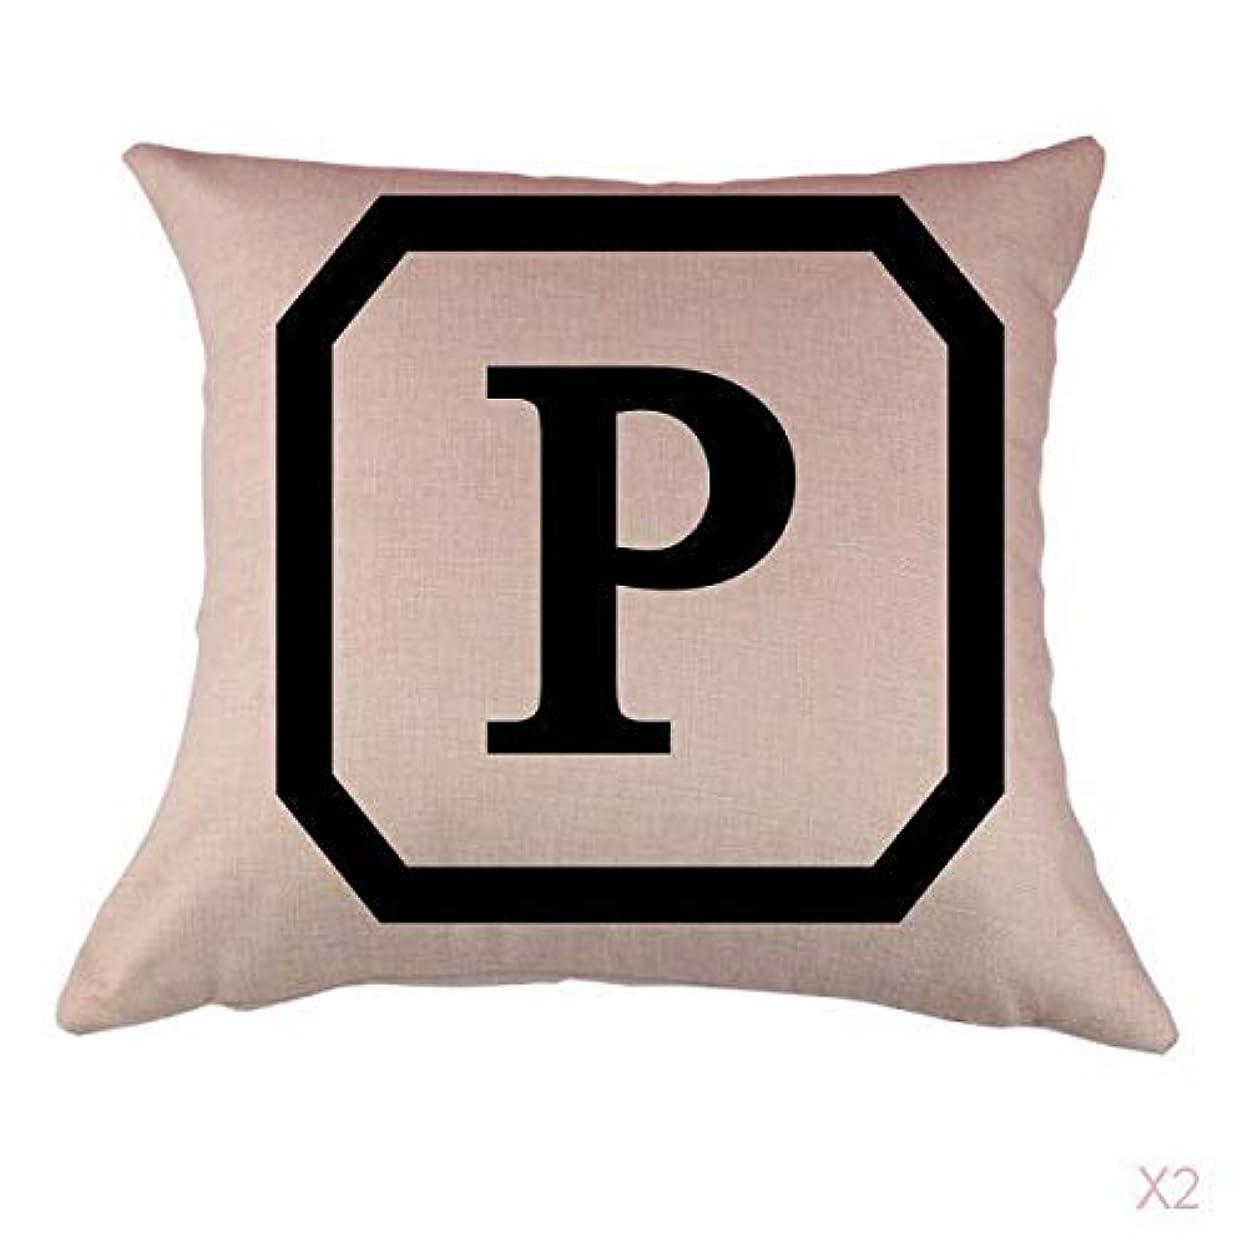 給料王族インシュレータコットンリネンスロー枕カバークッションカバー家の装飾頭文字P